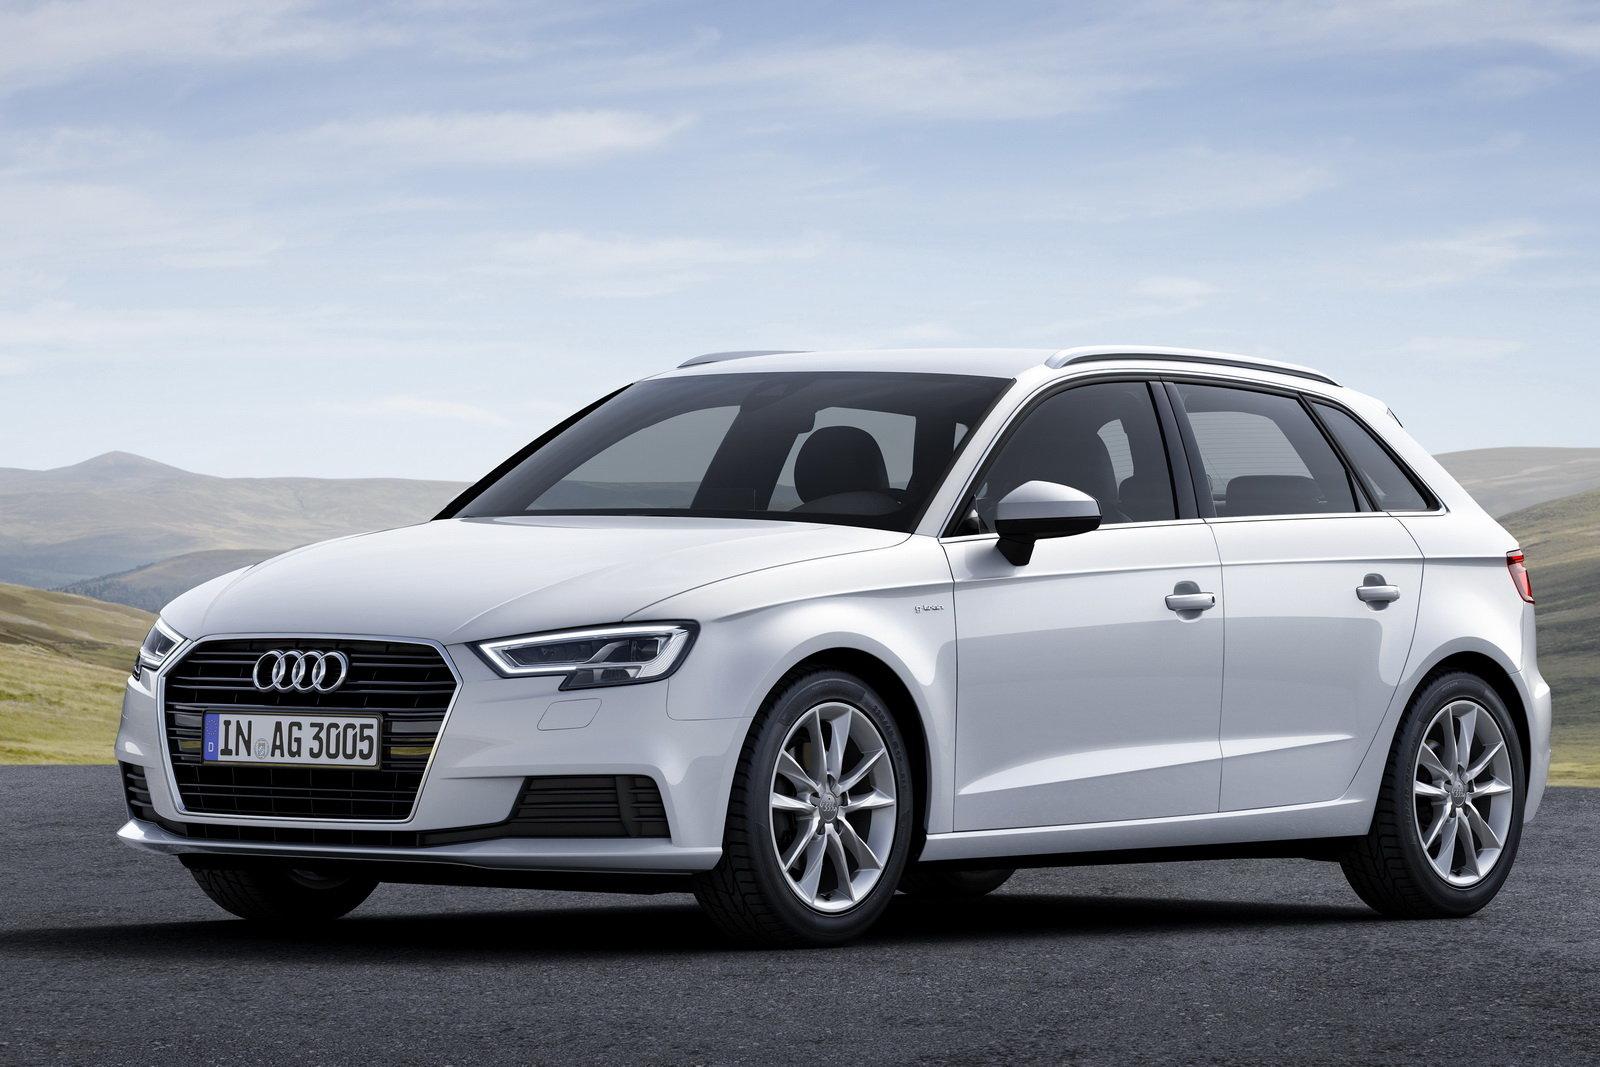 Audi a3 nuovo modello quando esce galleria di automobili for Quando esce la nuova audi q3 2018